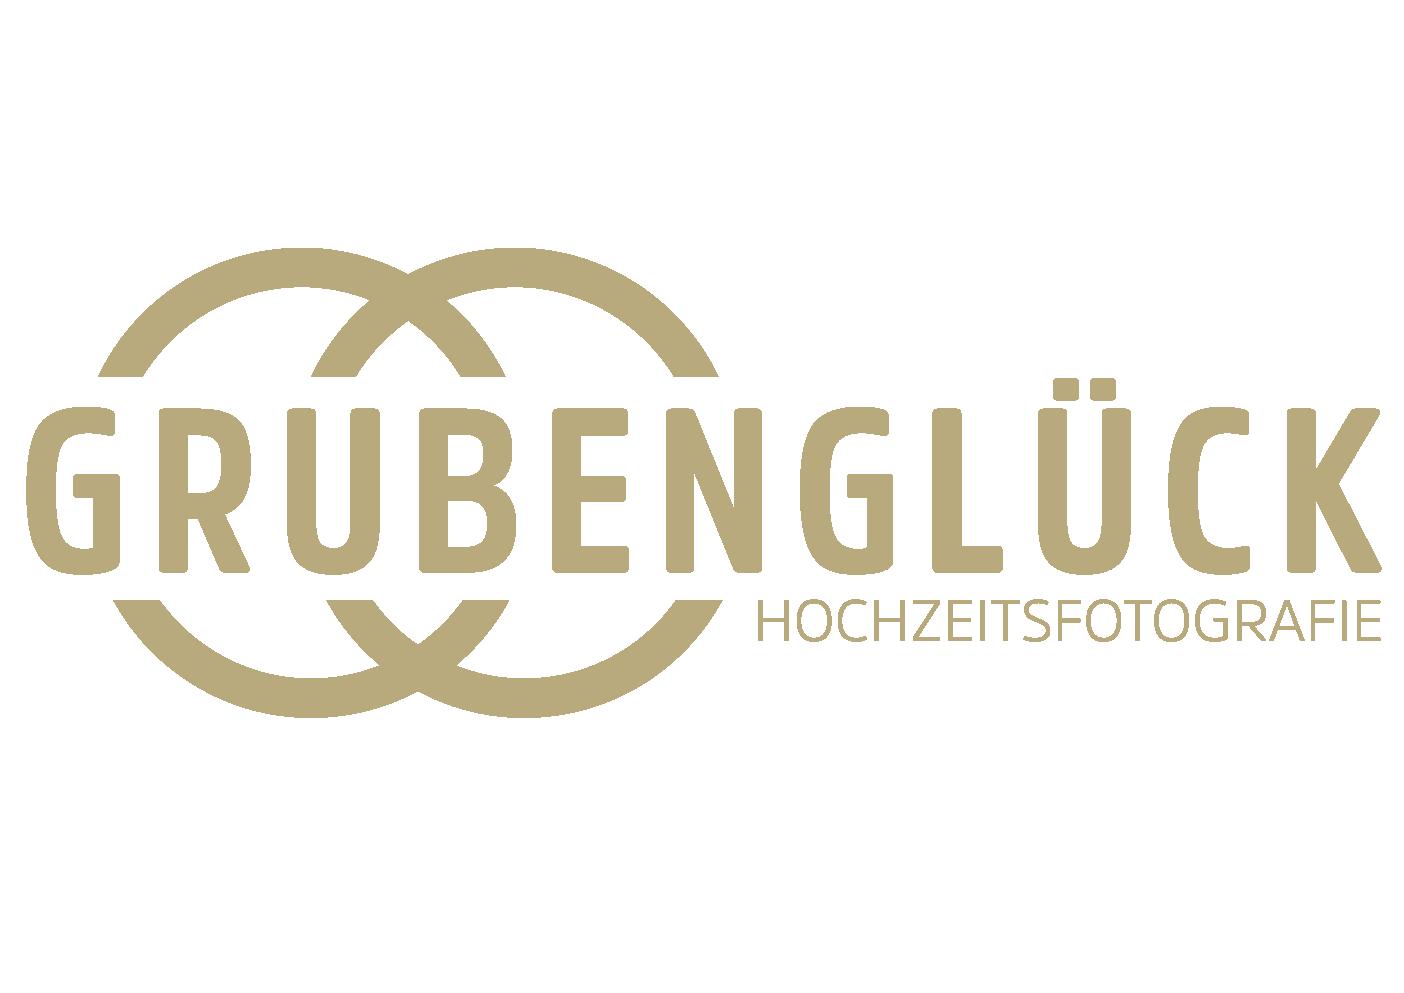 Grubenglück - Hochzeitsfotografie